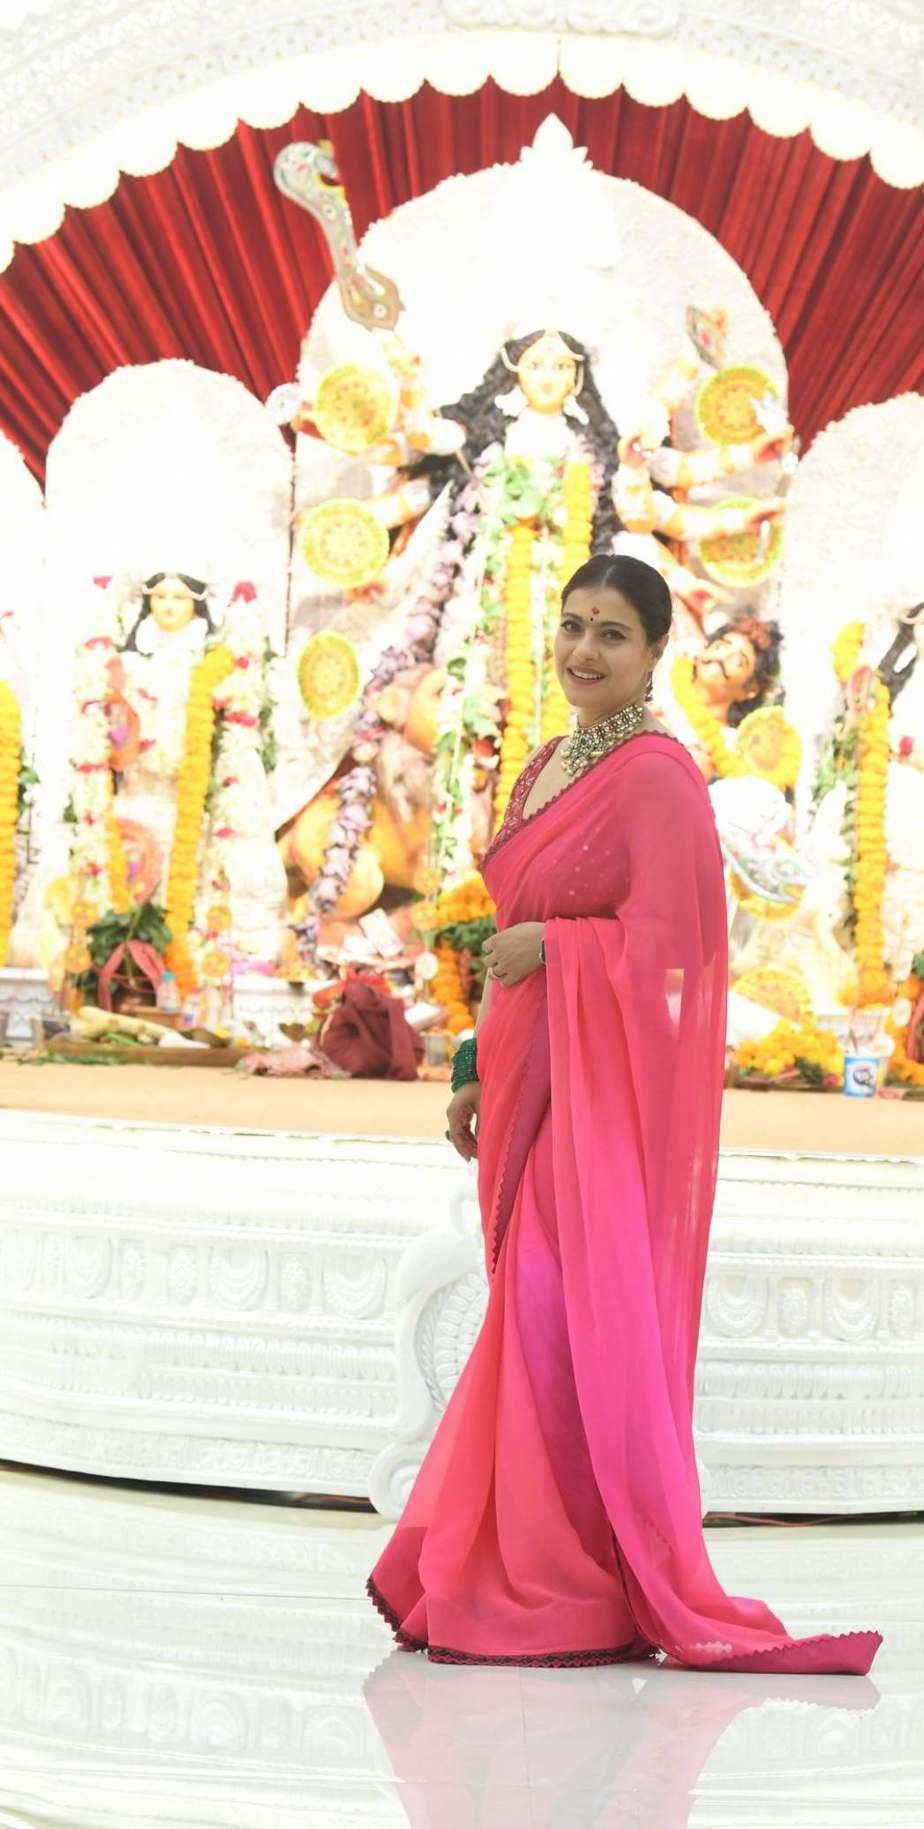 Kajol in pink saree by Punit balana for durga puja day1-2